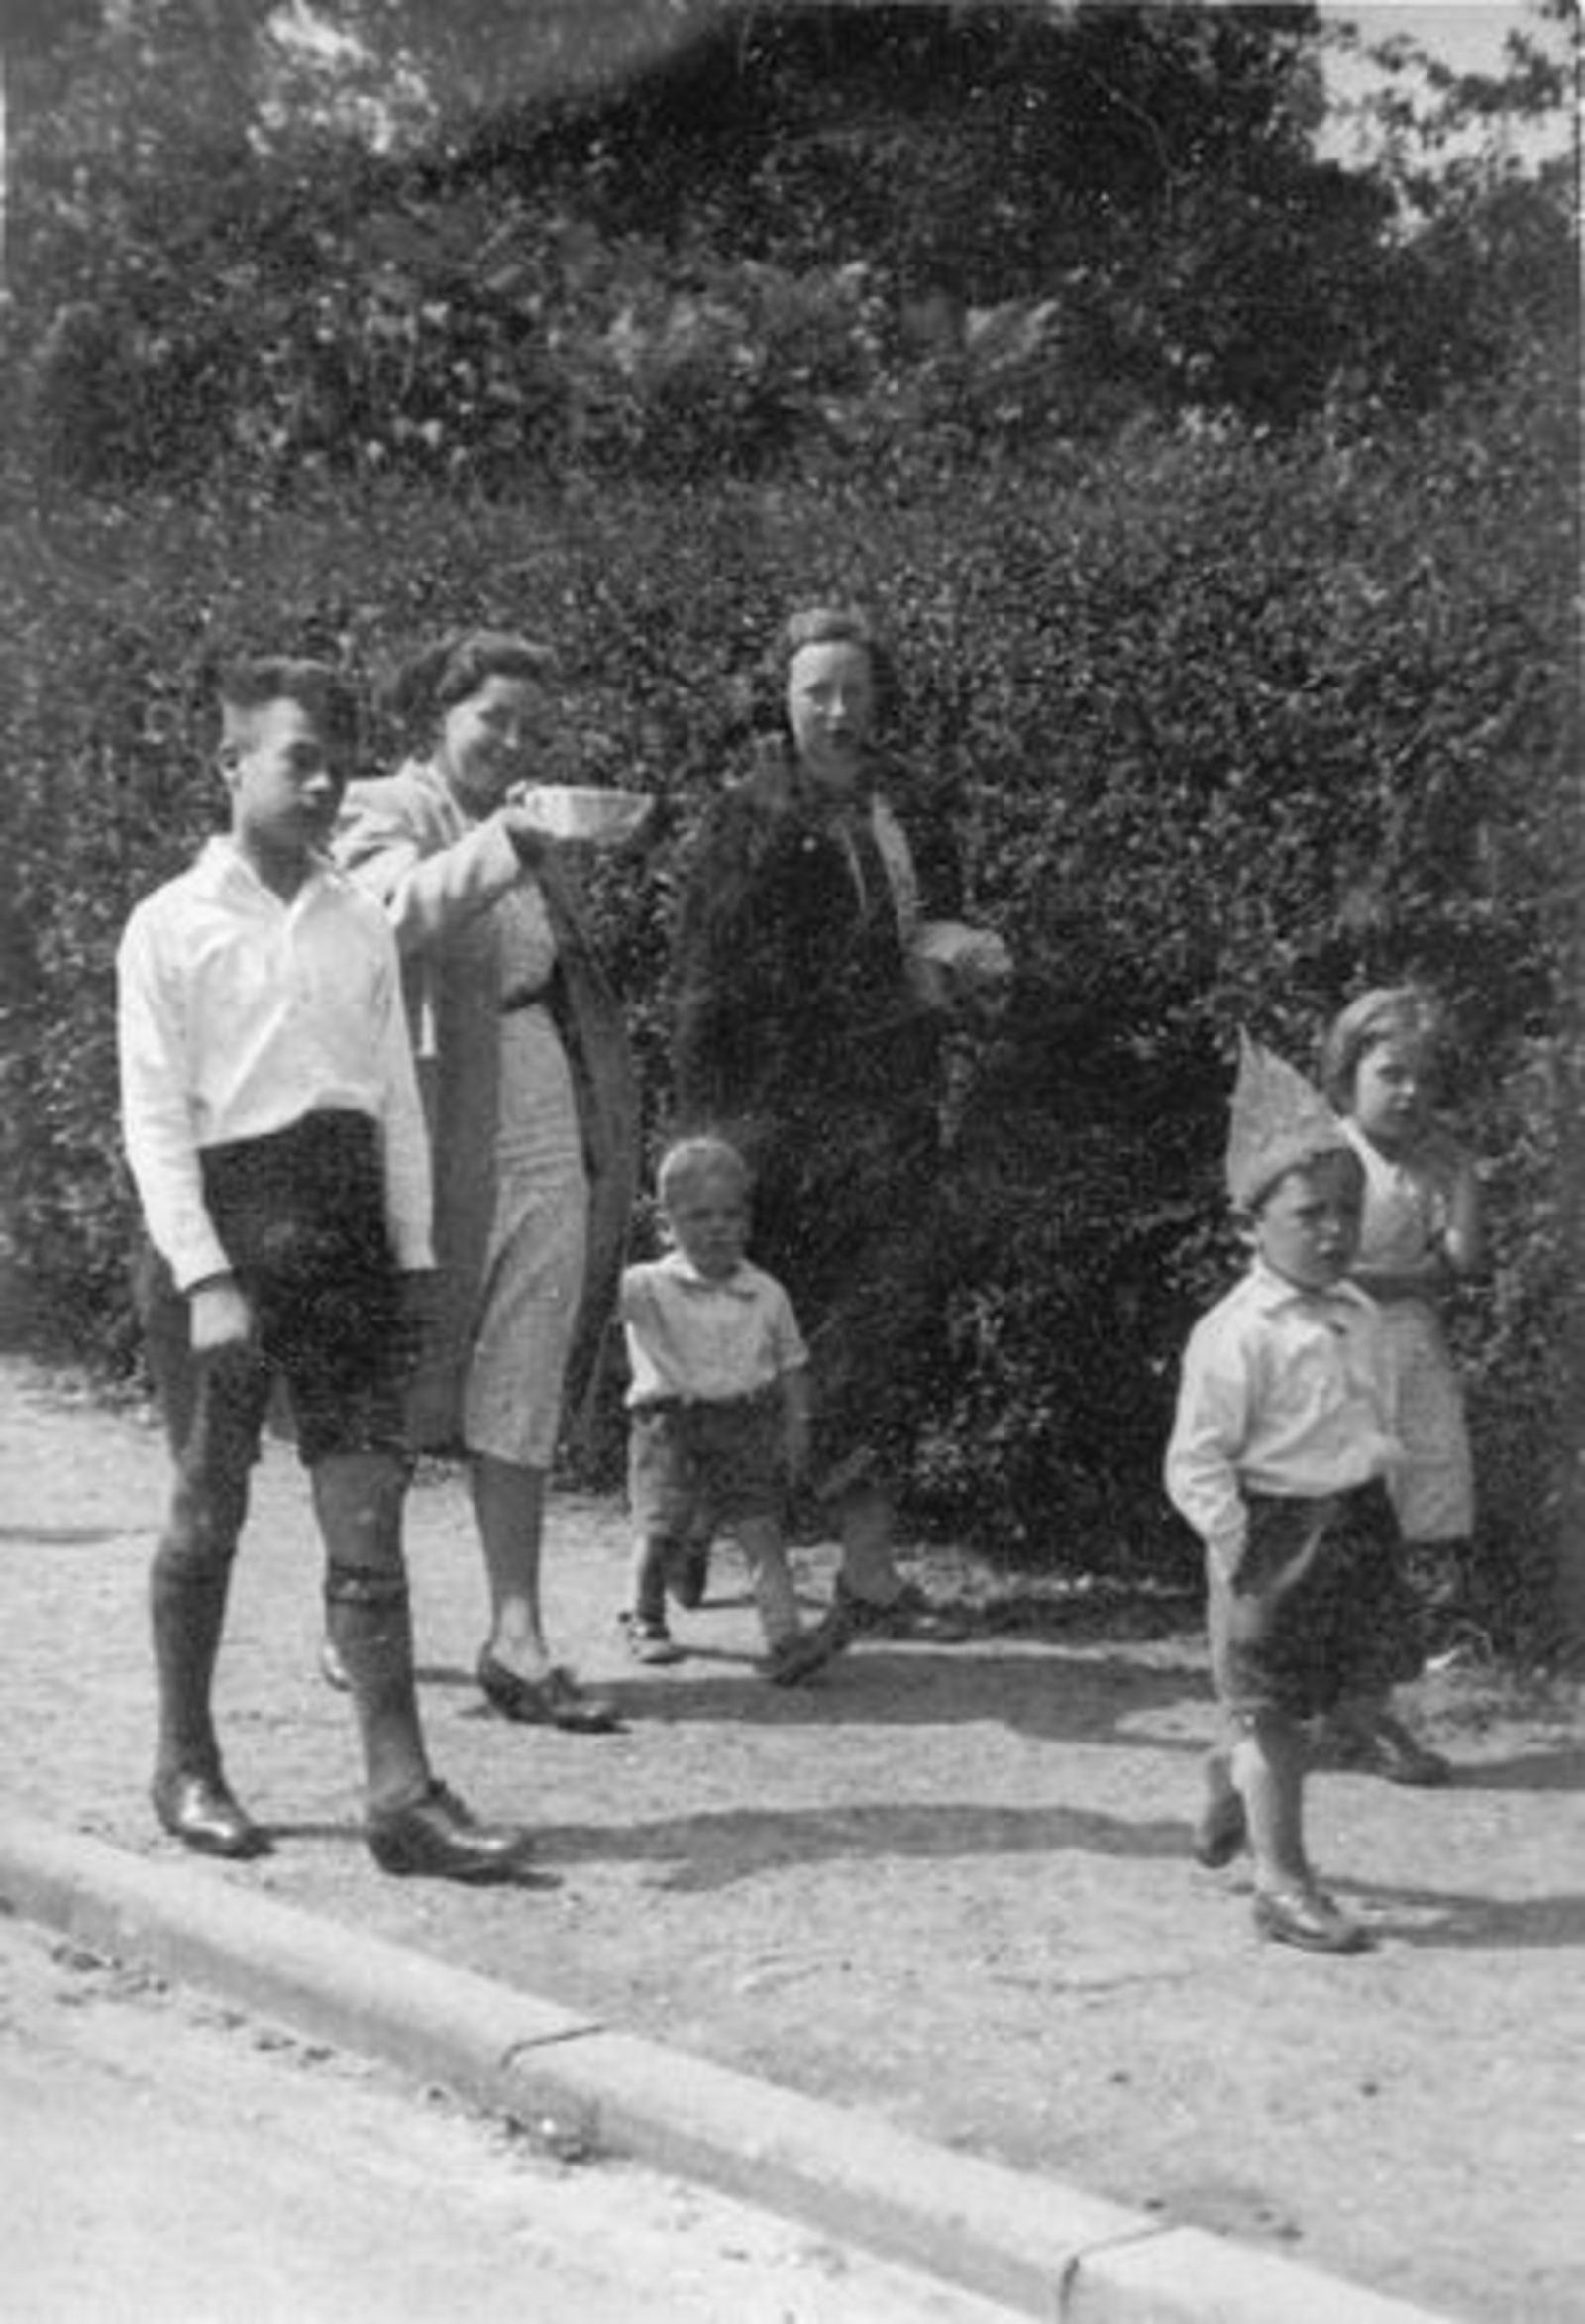 Calvelage Marie 1921 1961± met zus Rika ea bij Kruisweg 997 02